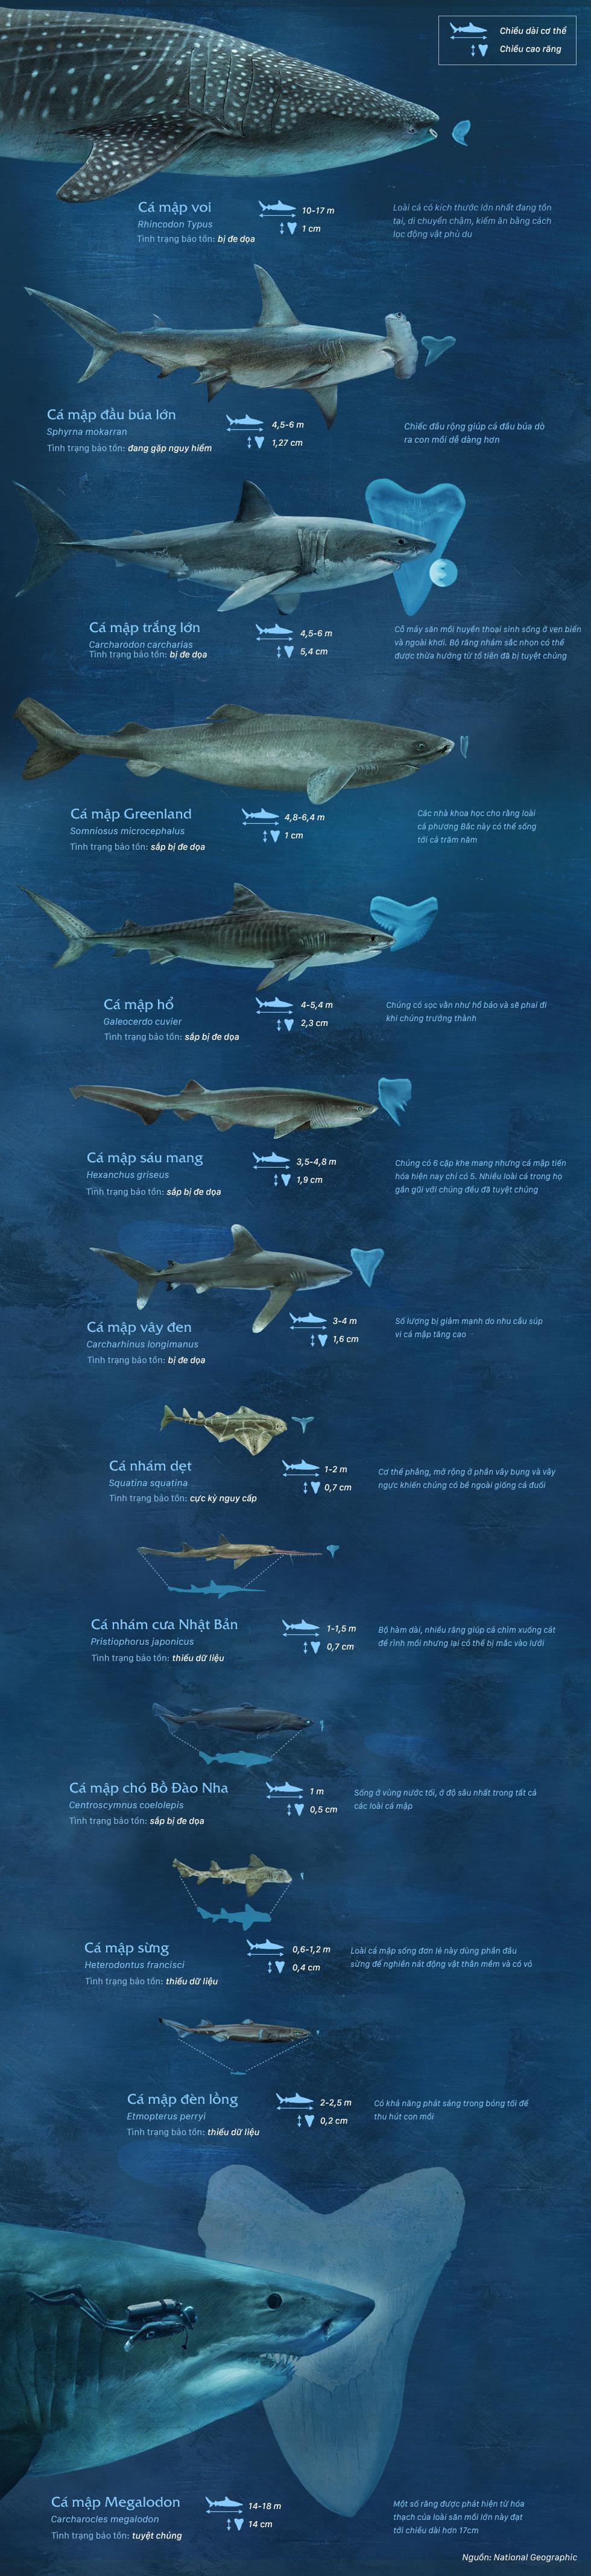 So sánh kích thước của chúa tể đại dương